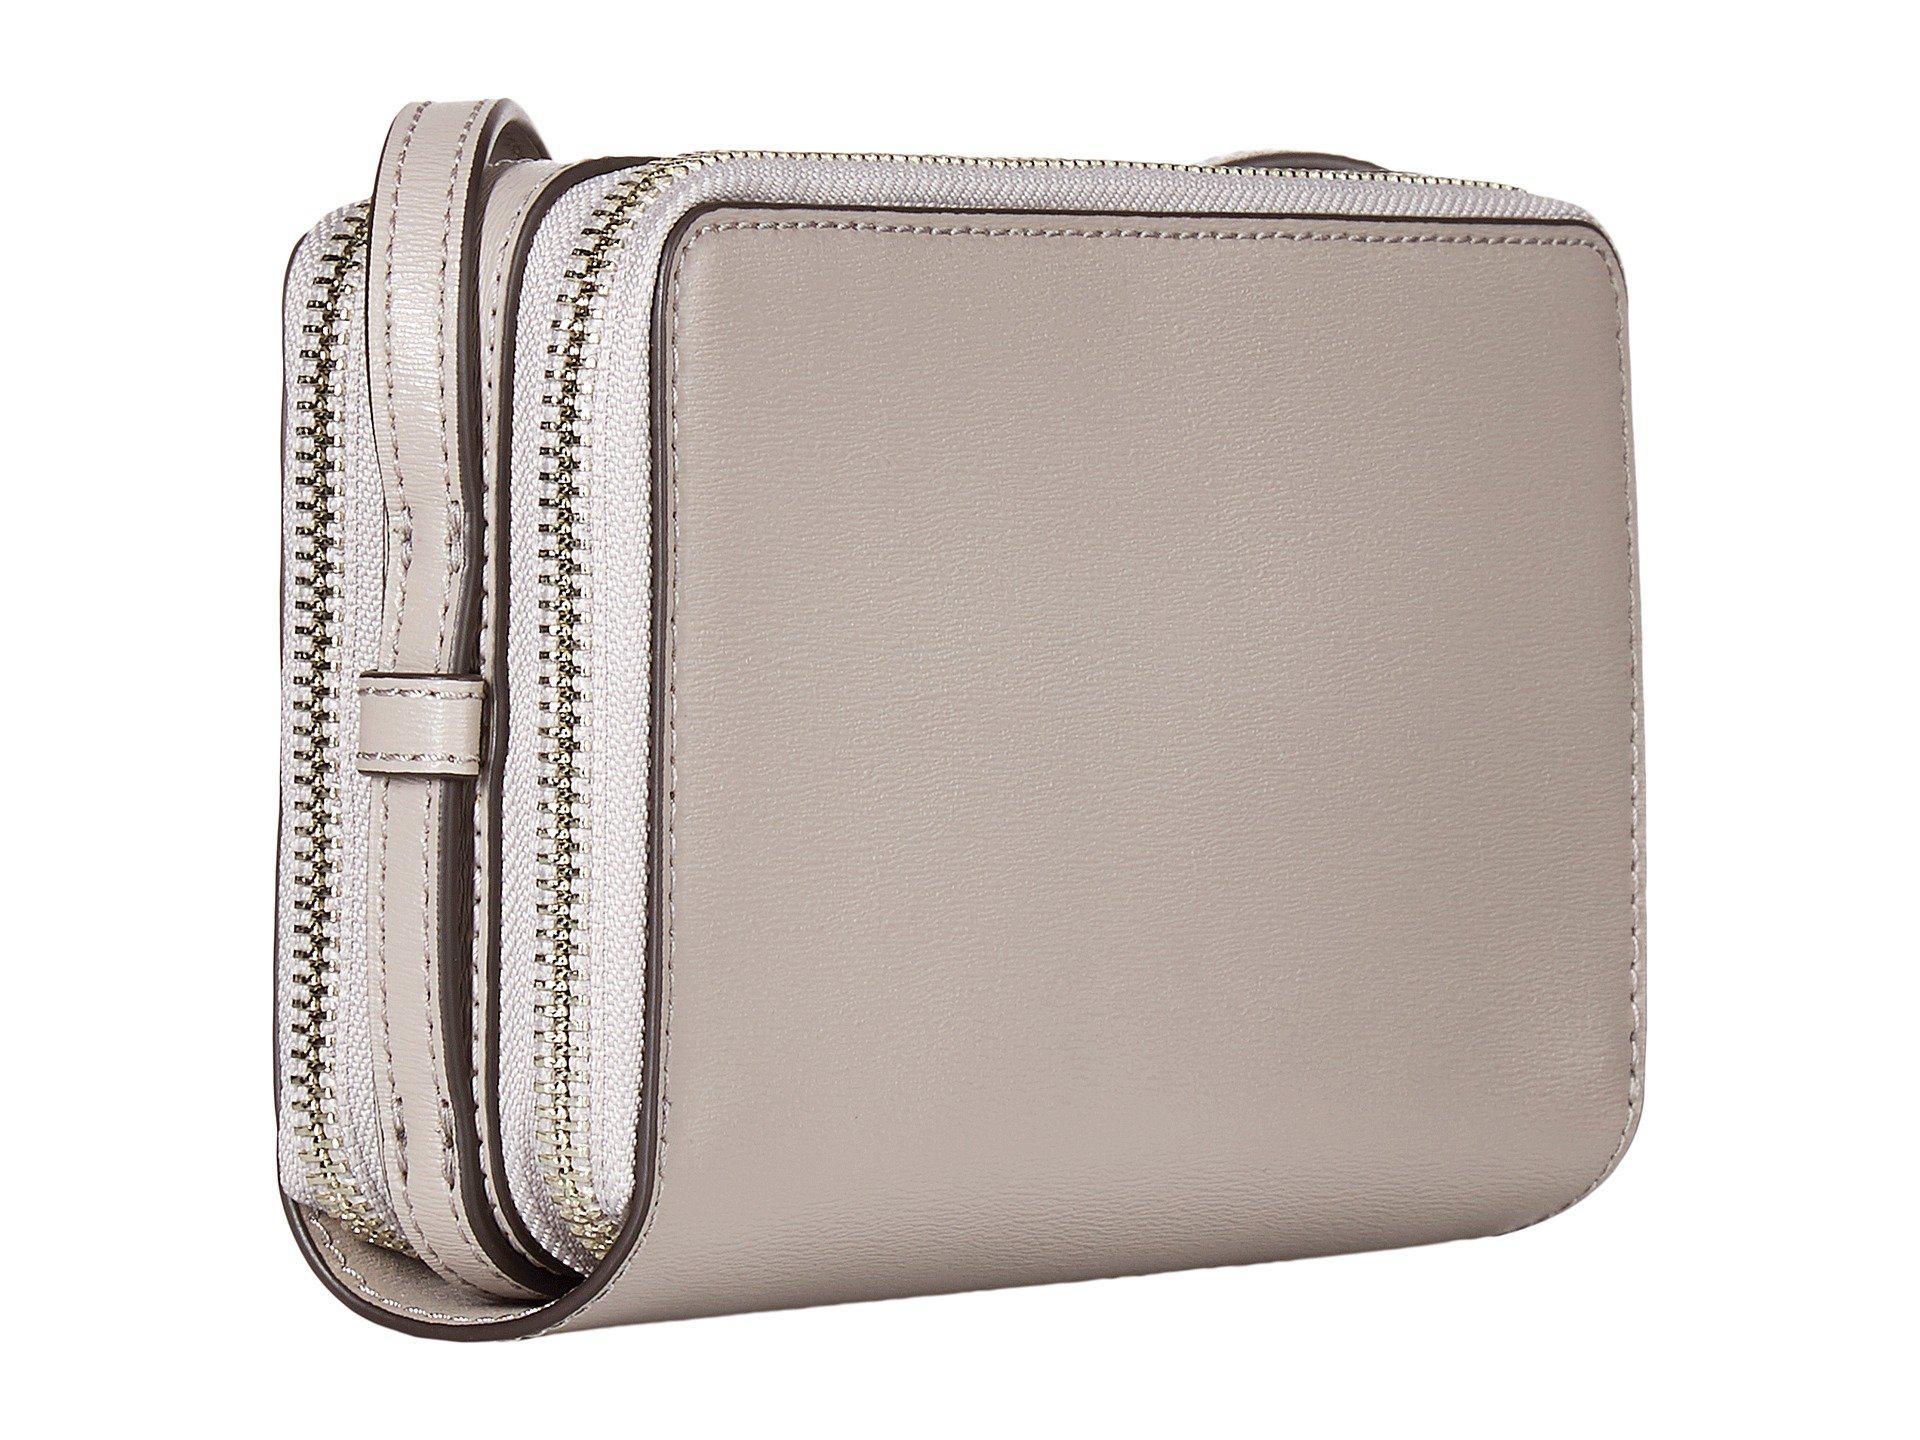 931820818266 Lyst - Tory Burch Parker Double-zip Mini Bag (dust Storm) Bags